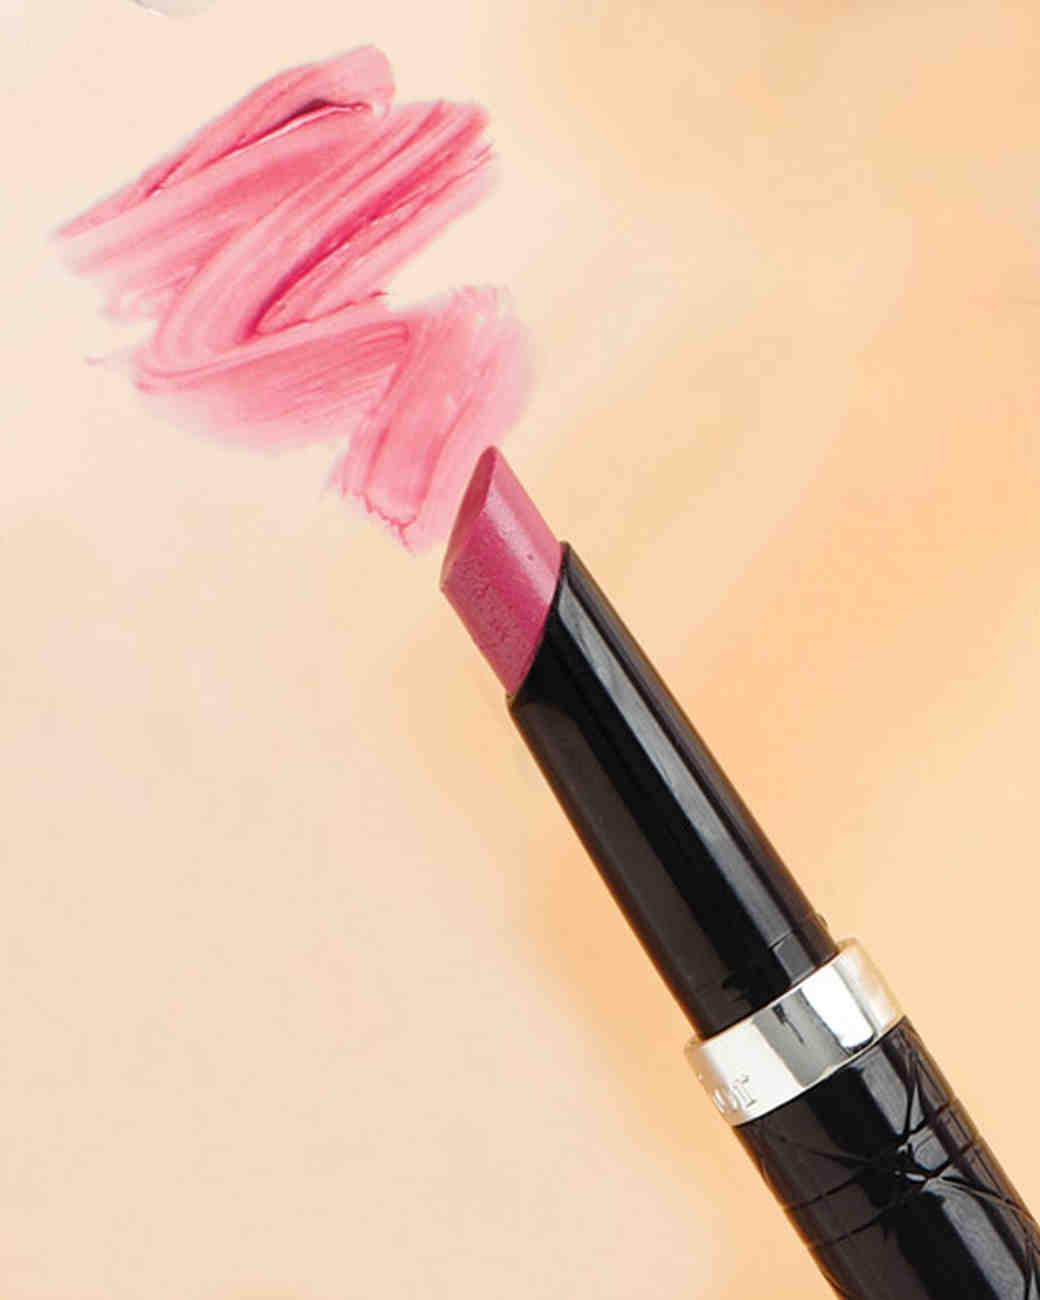 mwd105938_fall10_beauty2_lipstick.jpg